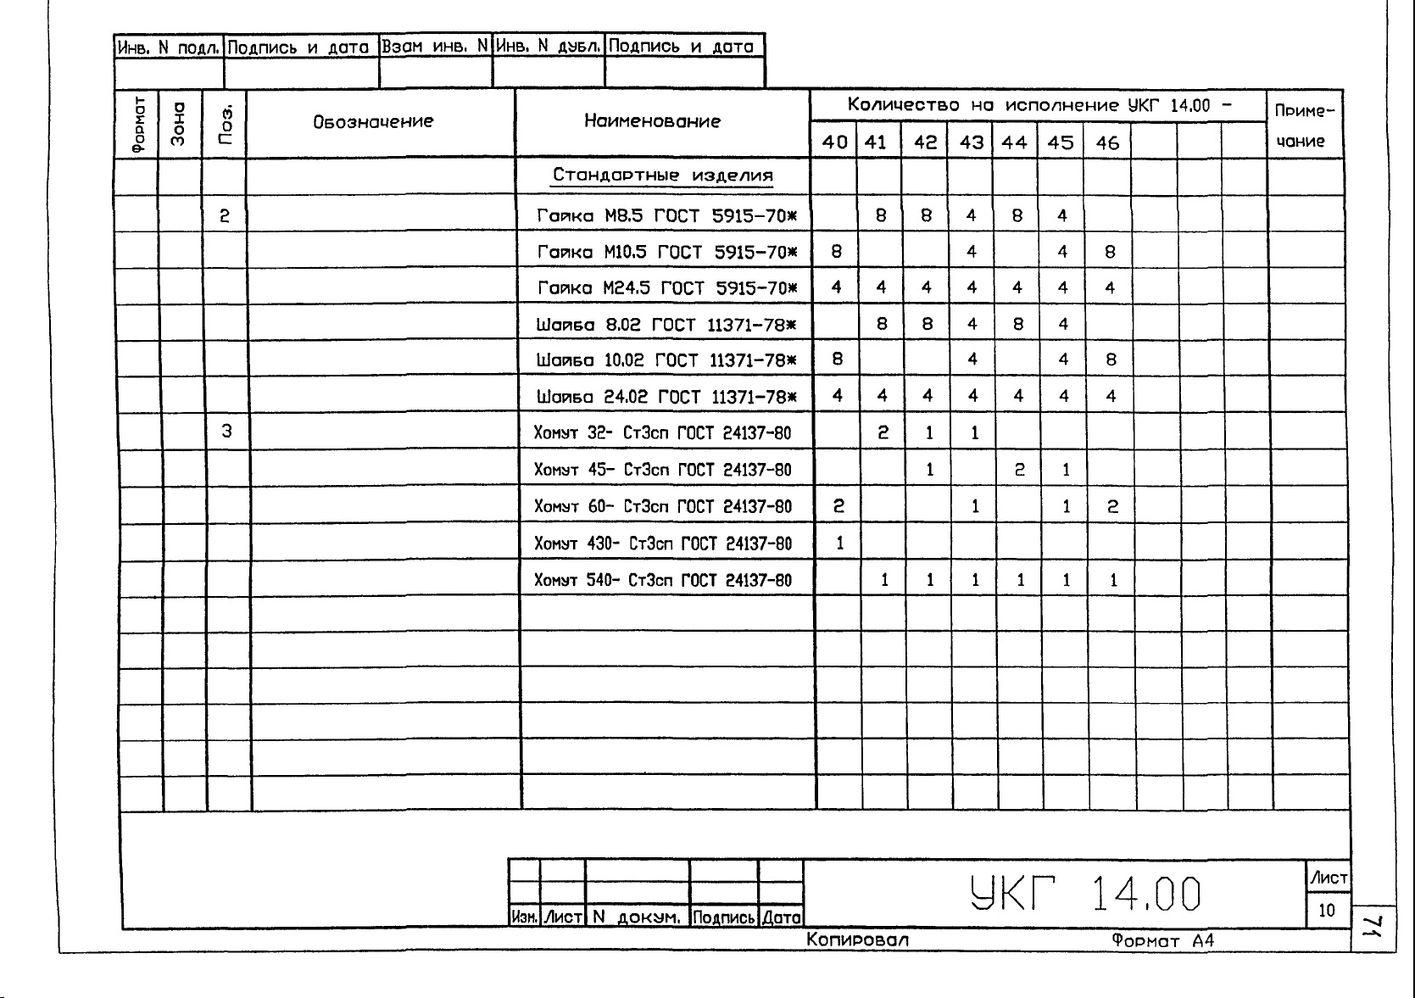 Крепление 2х (двух) вспомогательных газопроводов к основному УКГ 14.00 СБ серия 5.905-18.05 выпуск 1 стр.13